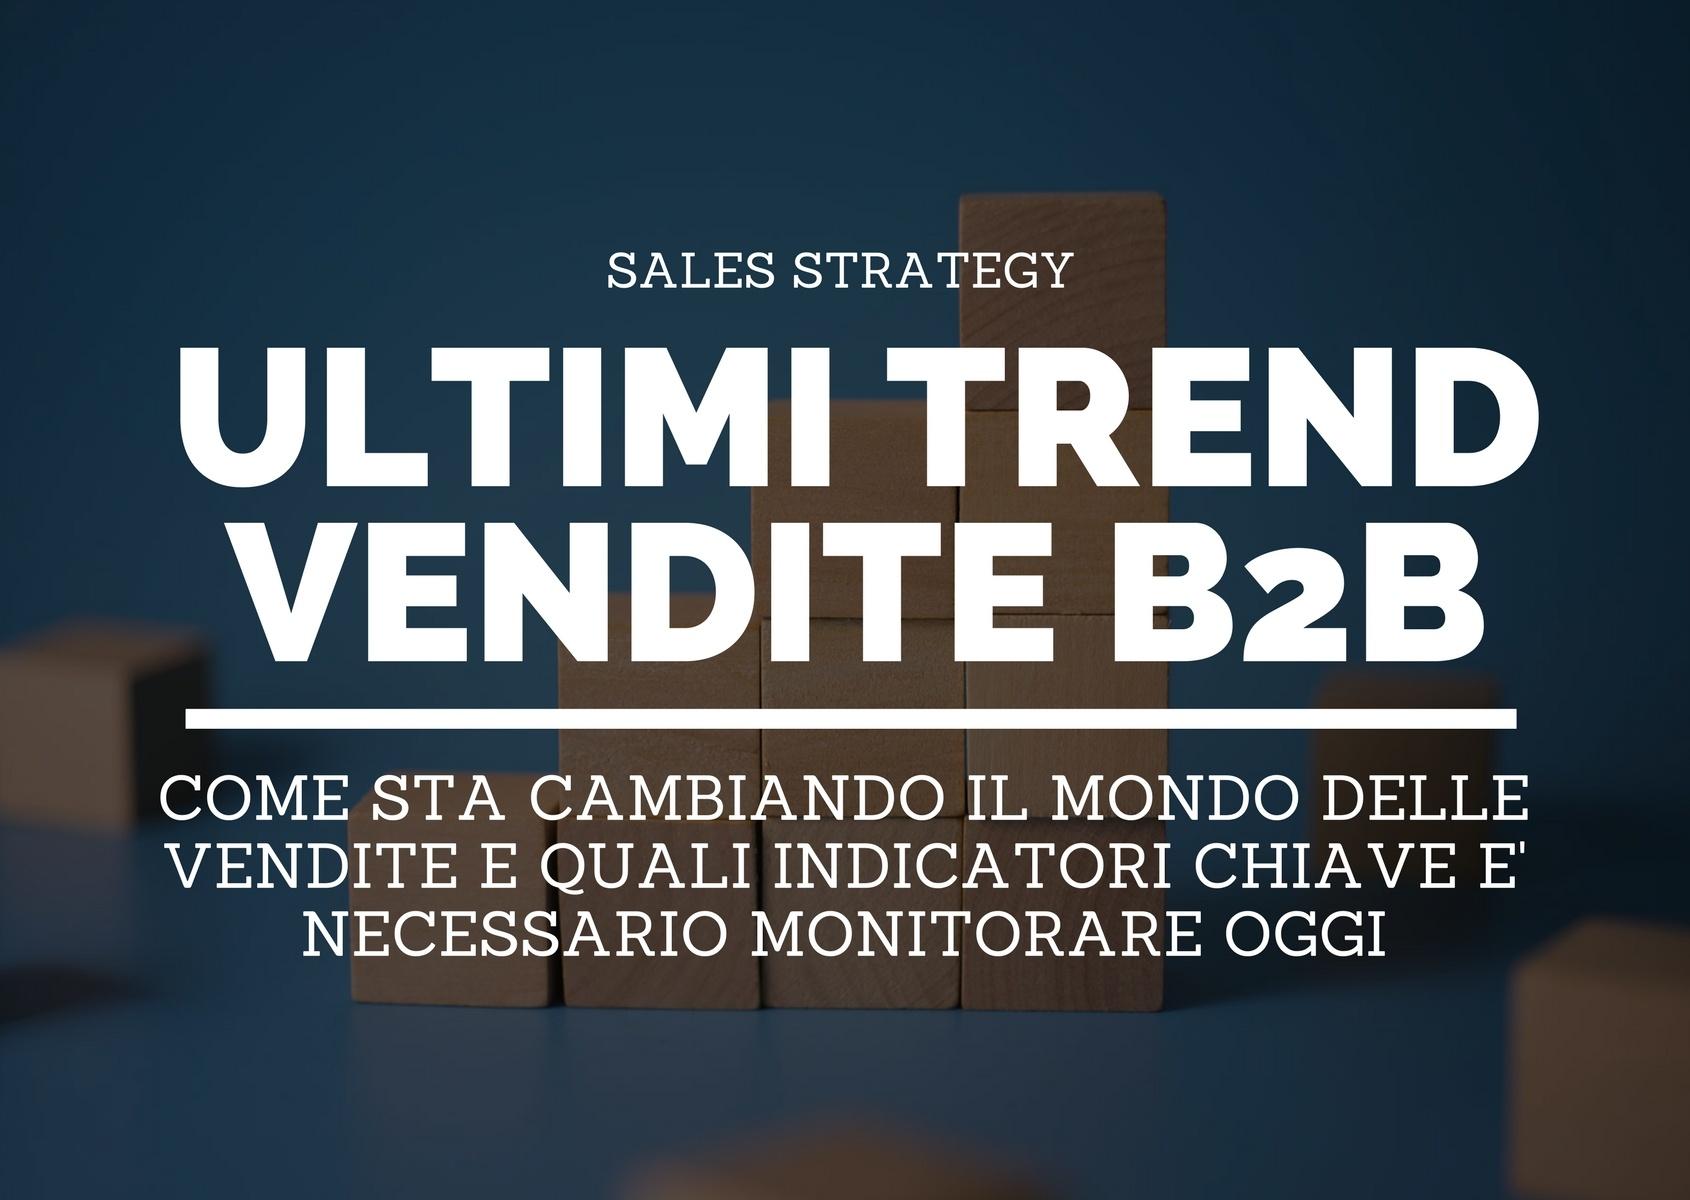 Ultimi trend nelle vendite B2B